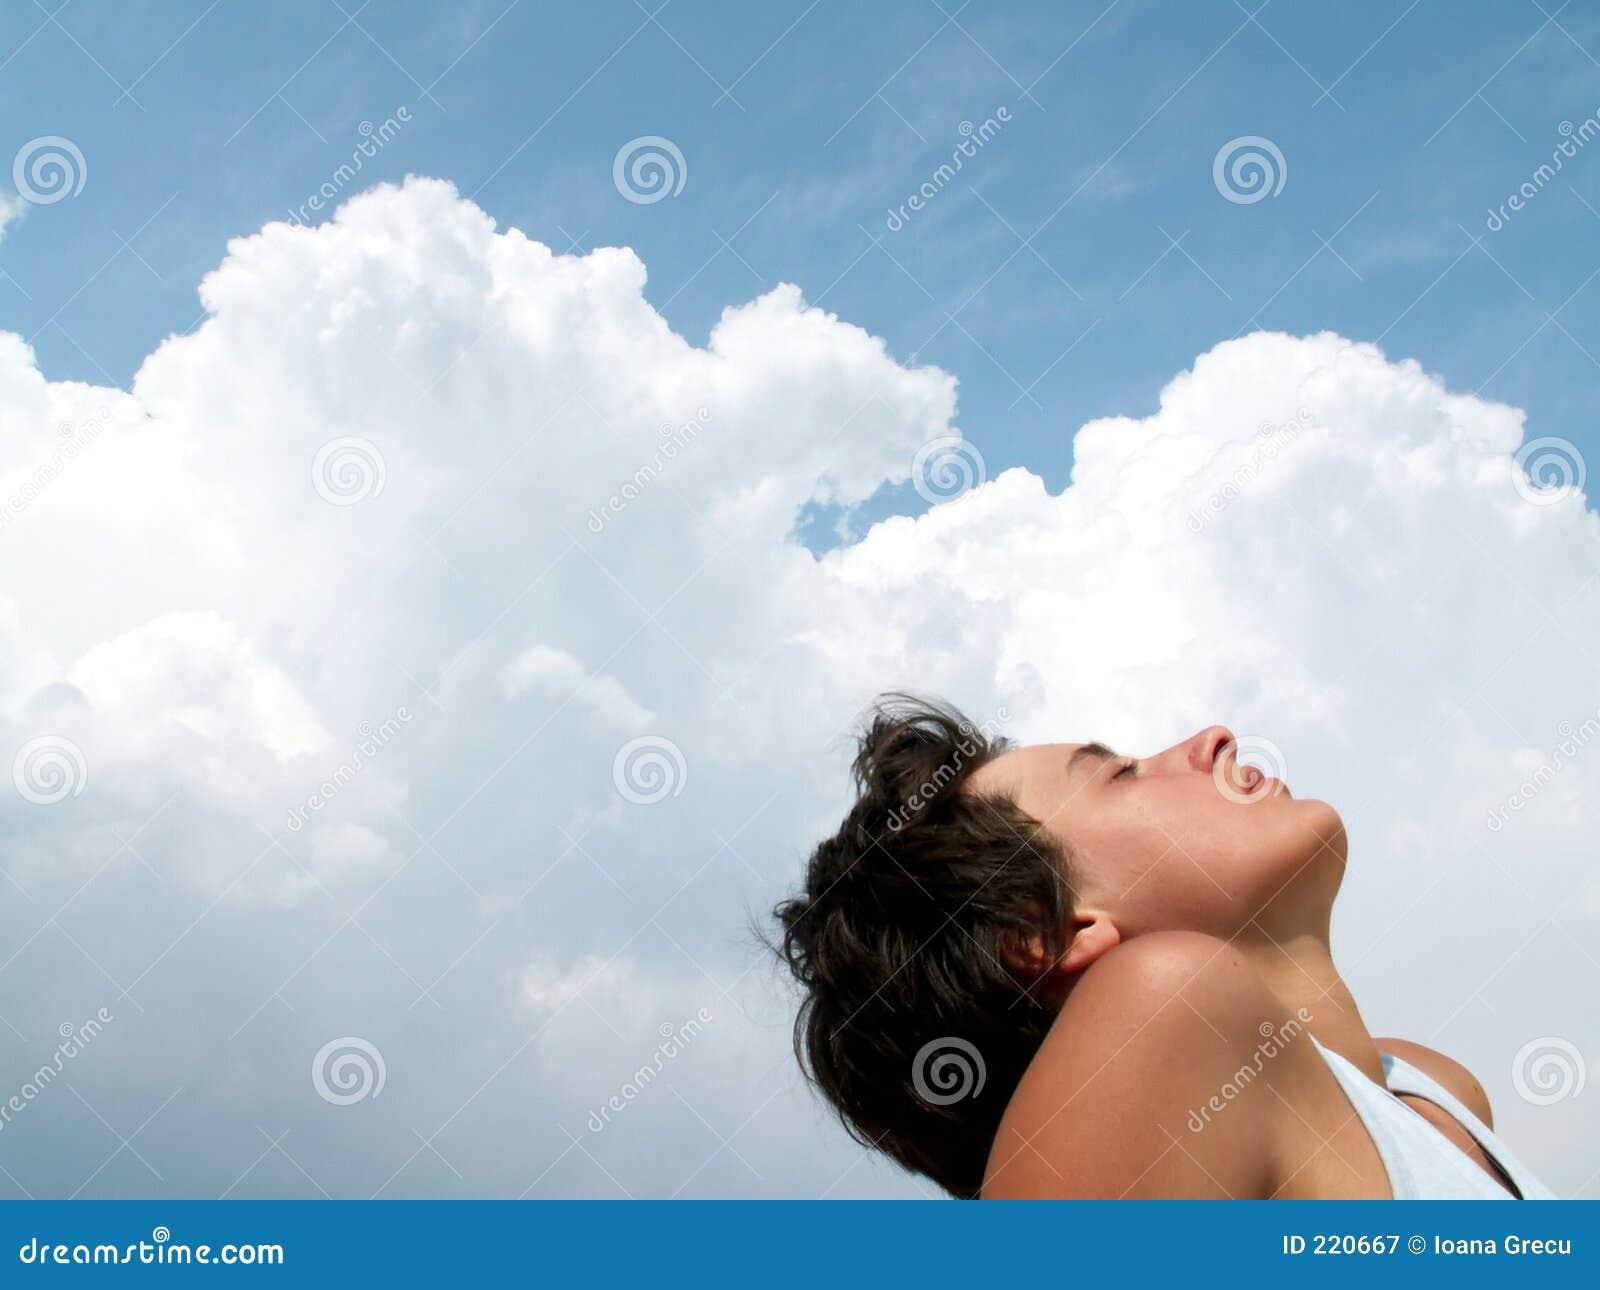 Bella ragazza profilata sui cieli nuvolosi